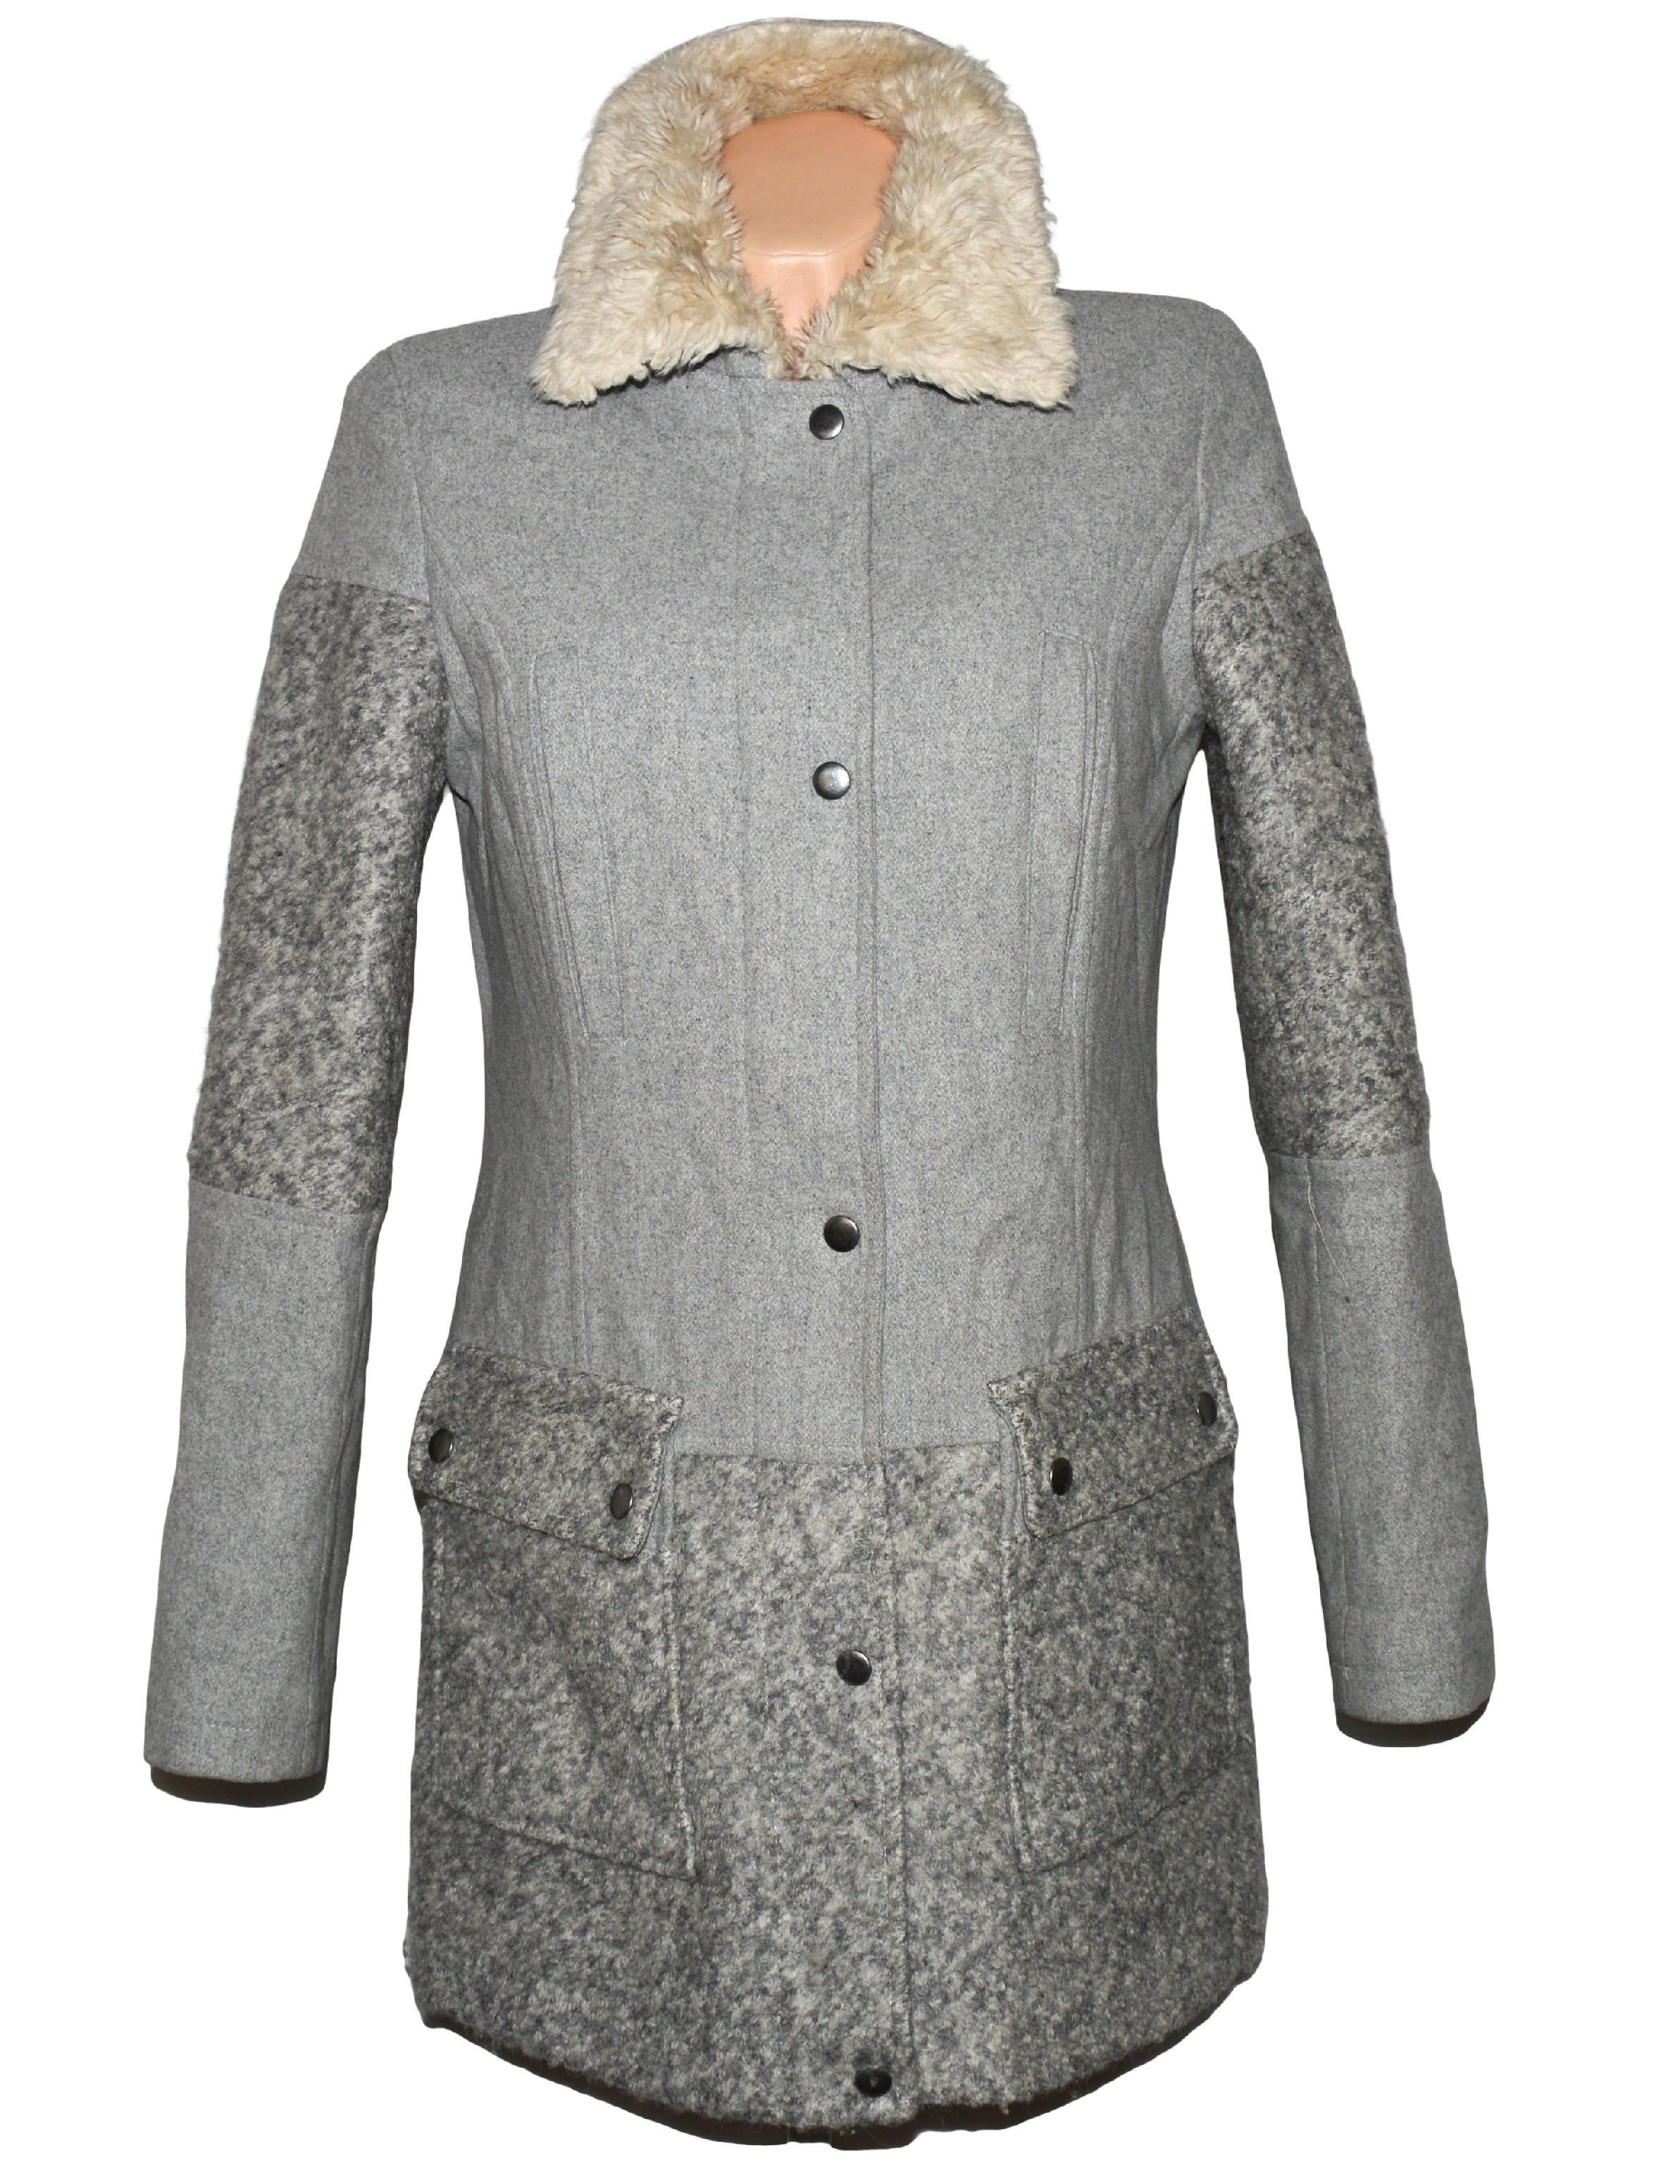 Vlněný dámský šedý kabát na zip Marks&Spencer 8/36, 16/44